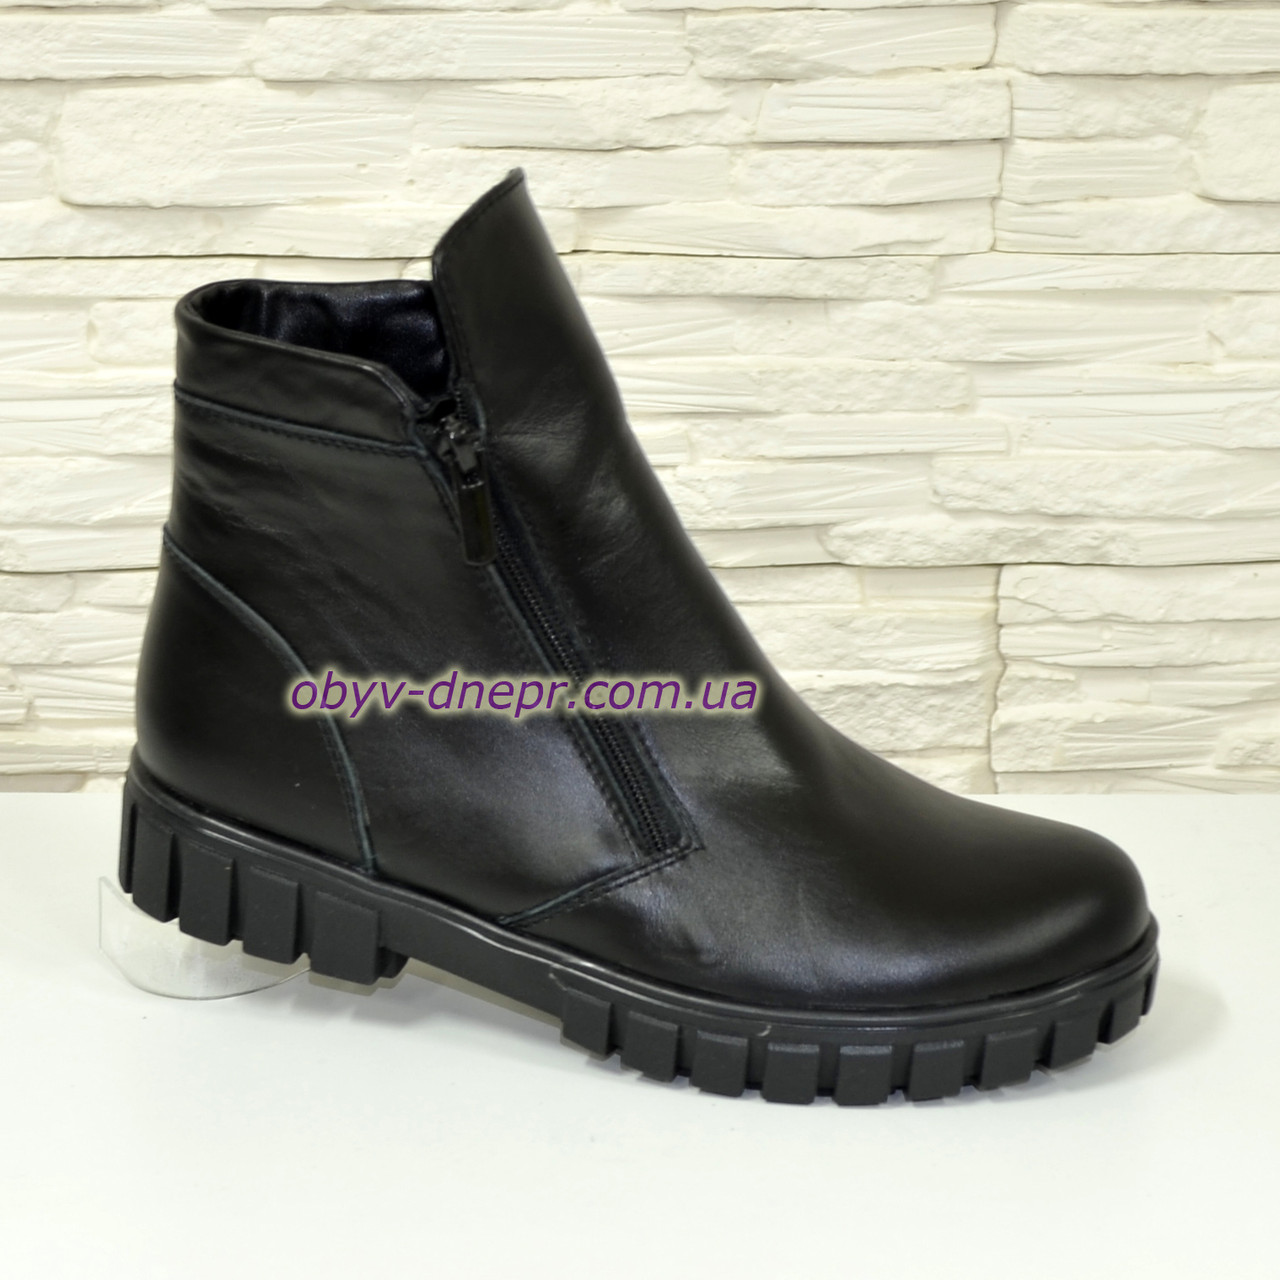 Ботинки черные кожаные для мальчиков на утолщённой подошве. Подростковые.